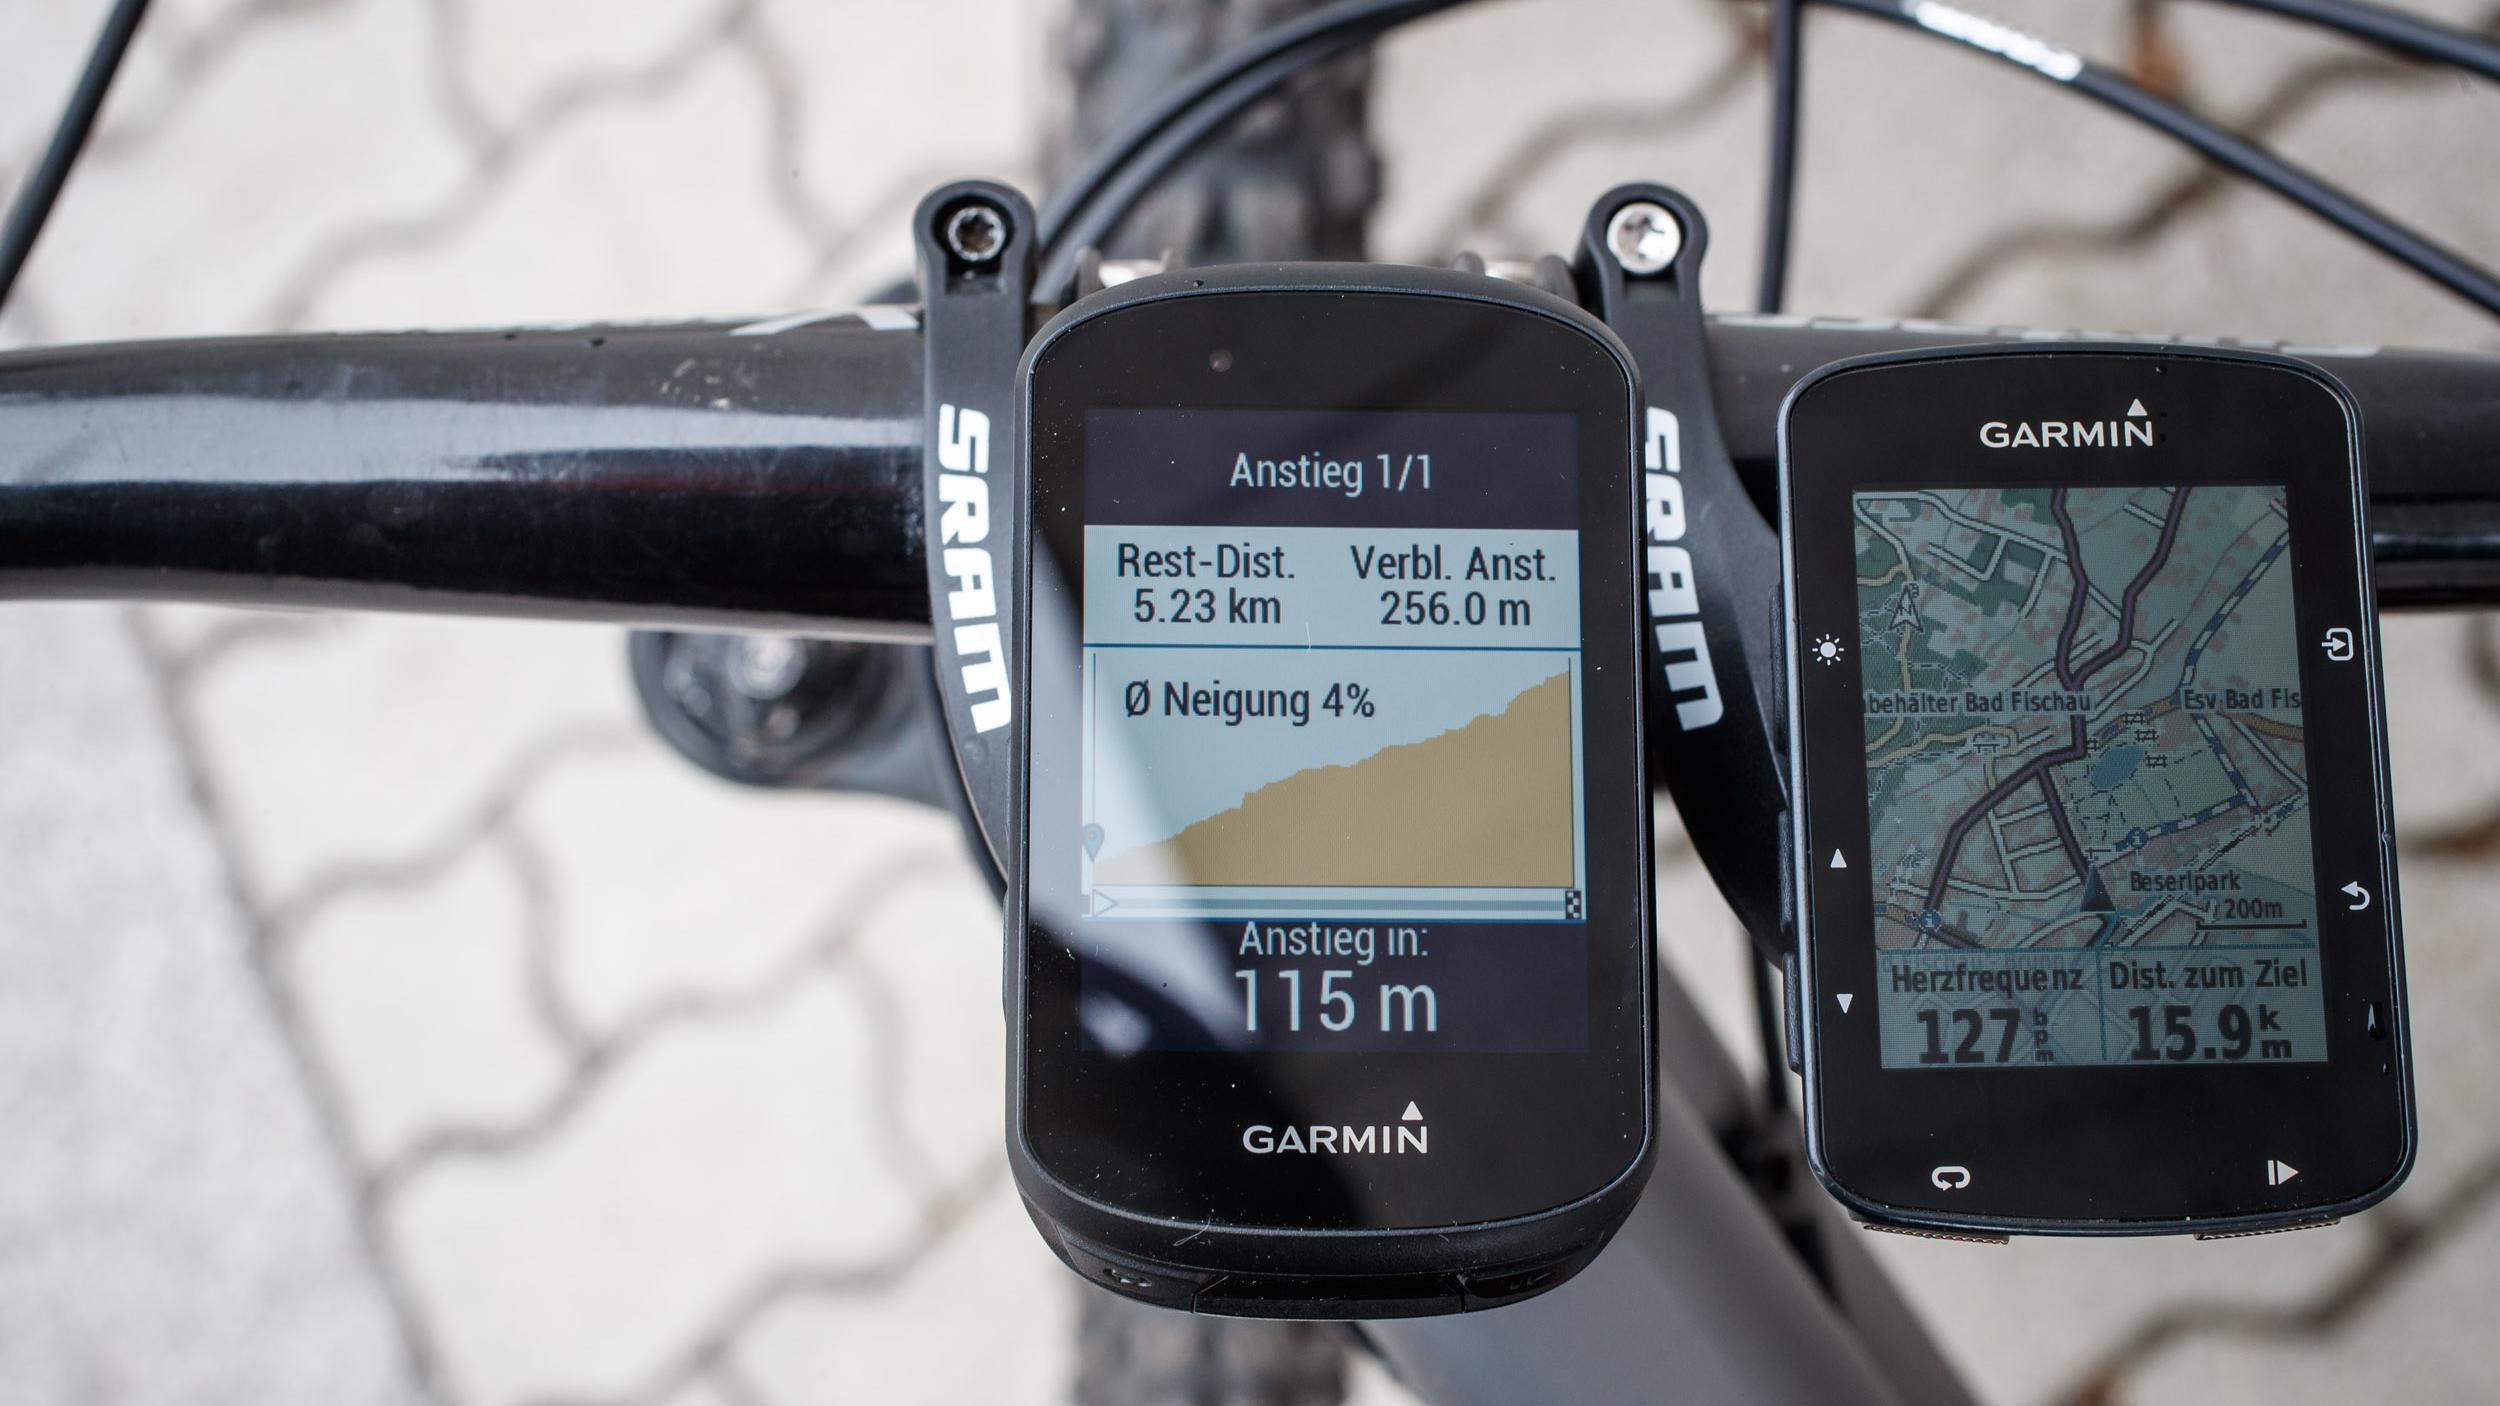 auf den nächsten 5,2 km geht's 256 Meter bergauf (4% Durchschnittssteigung)